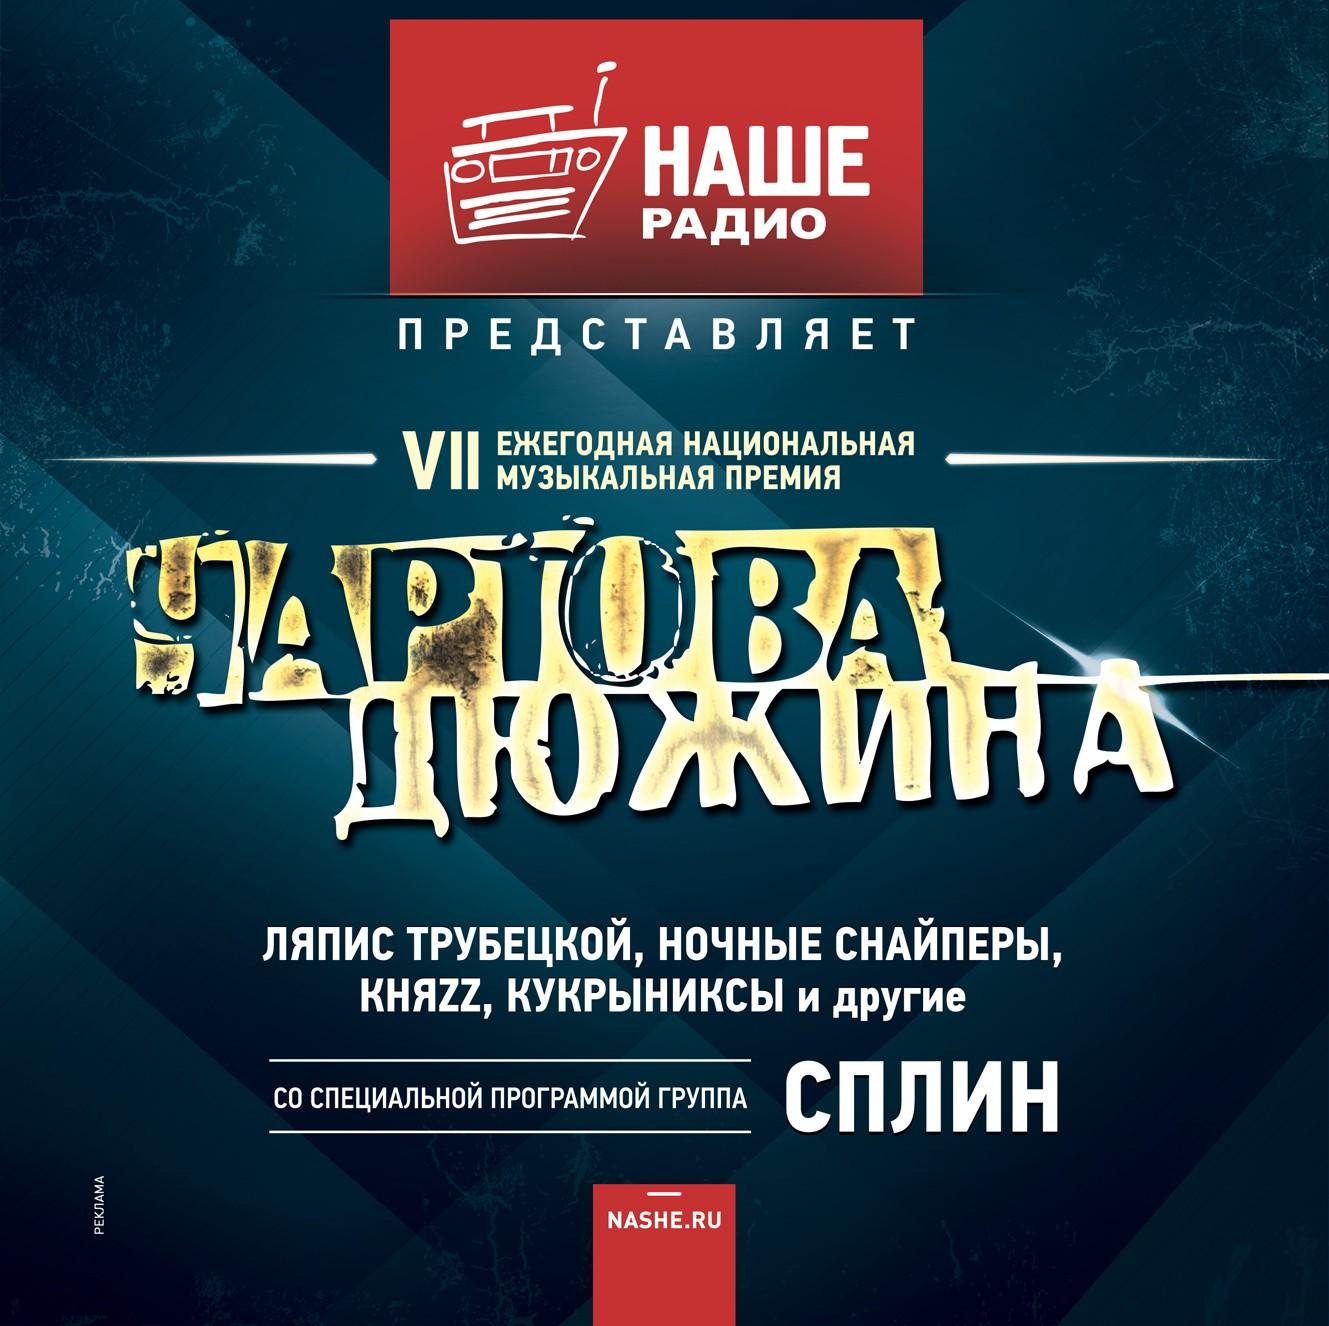 """Подробности премии """"Чартова дюжина"""""""